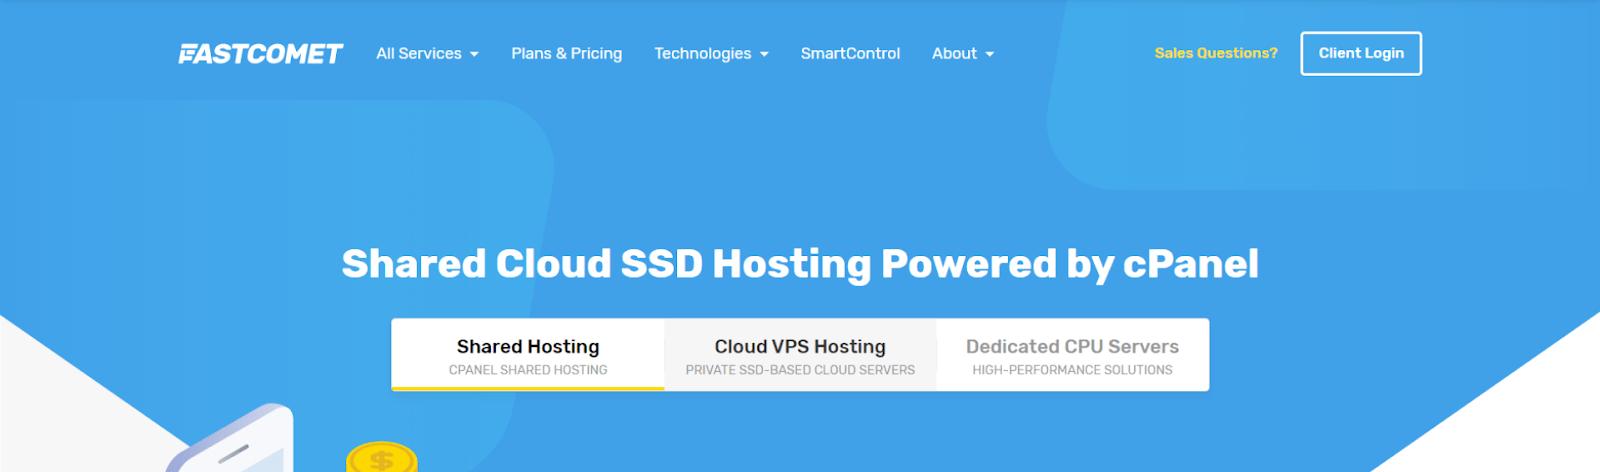 FastComet main hosting homepage